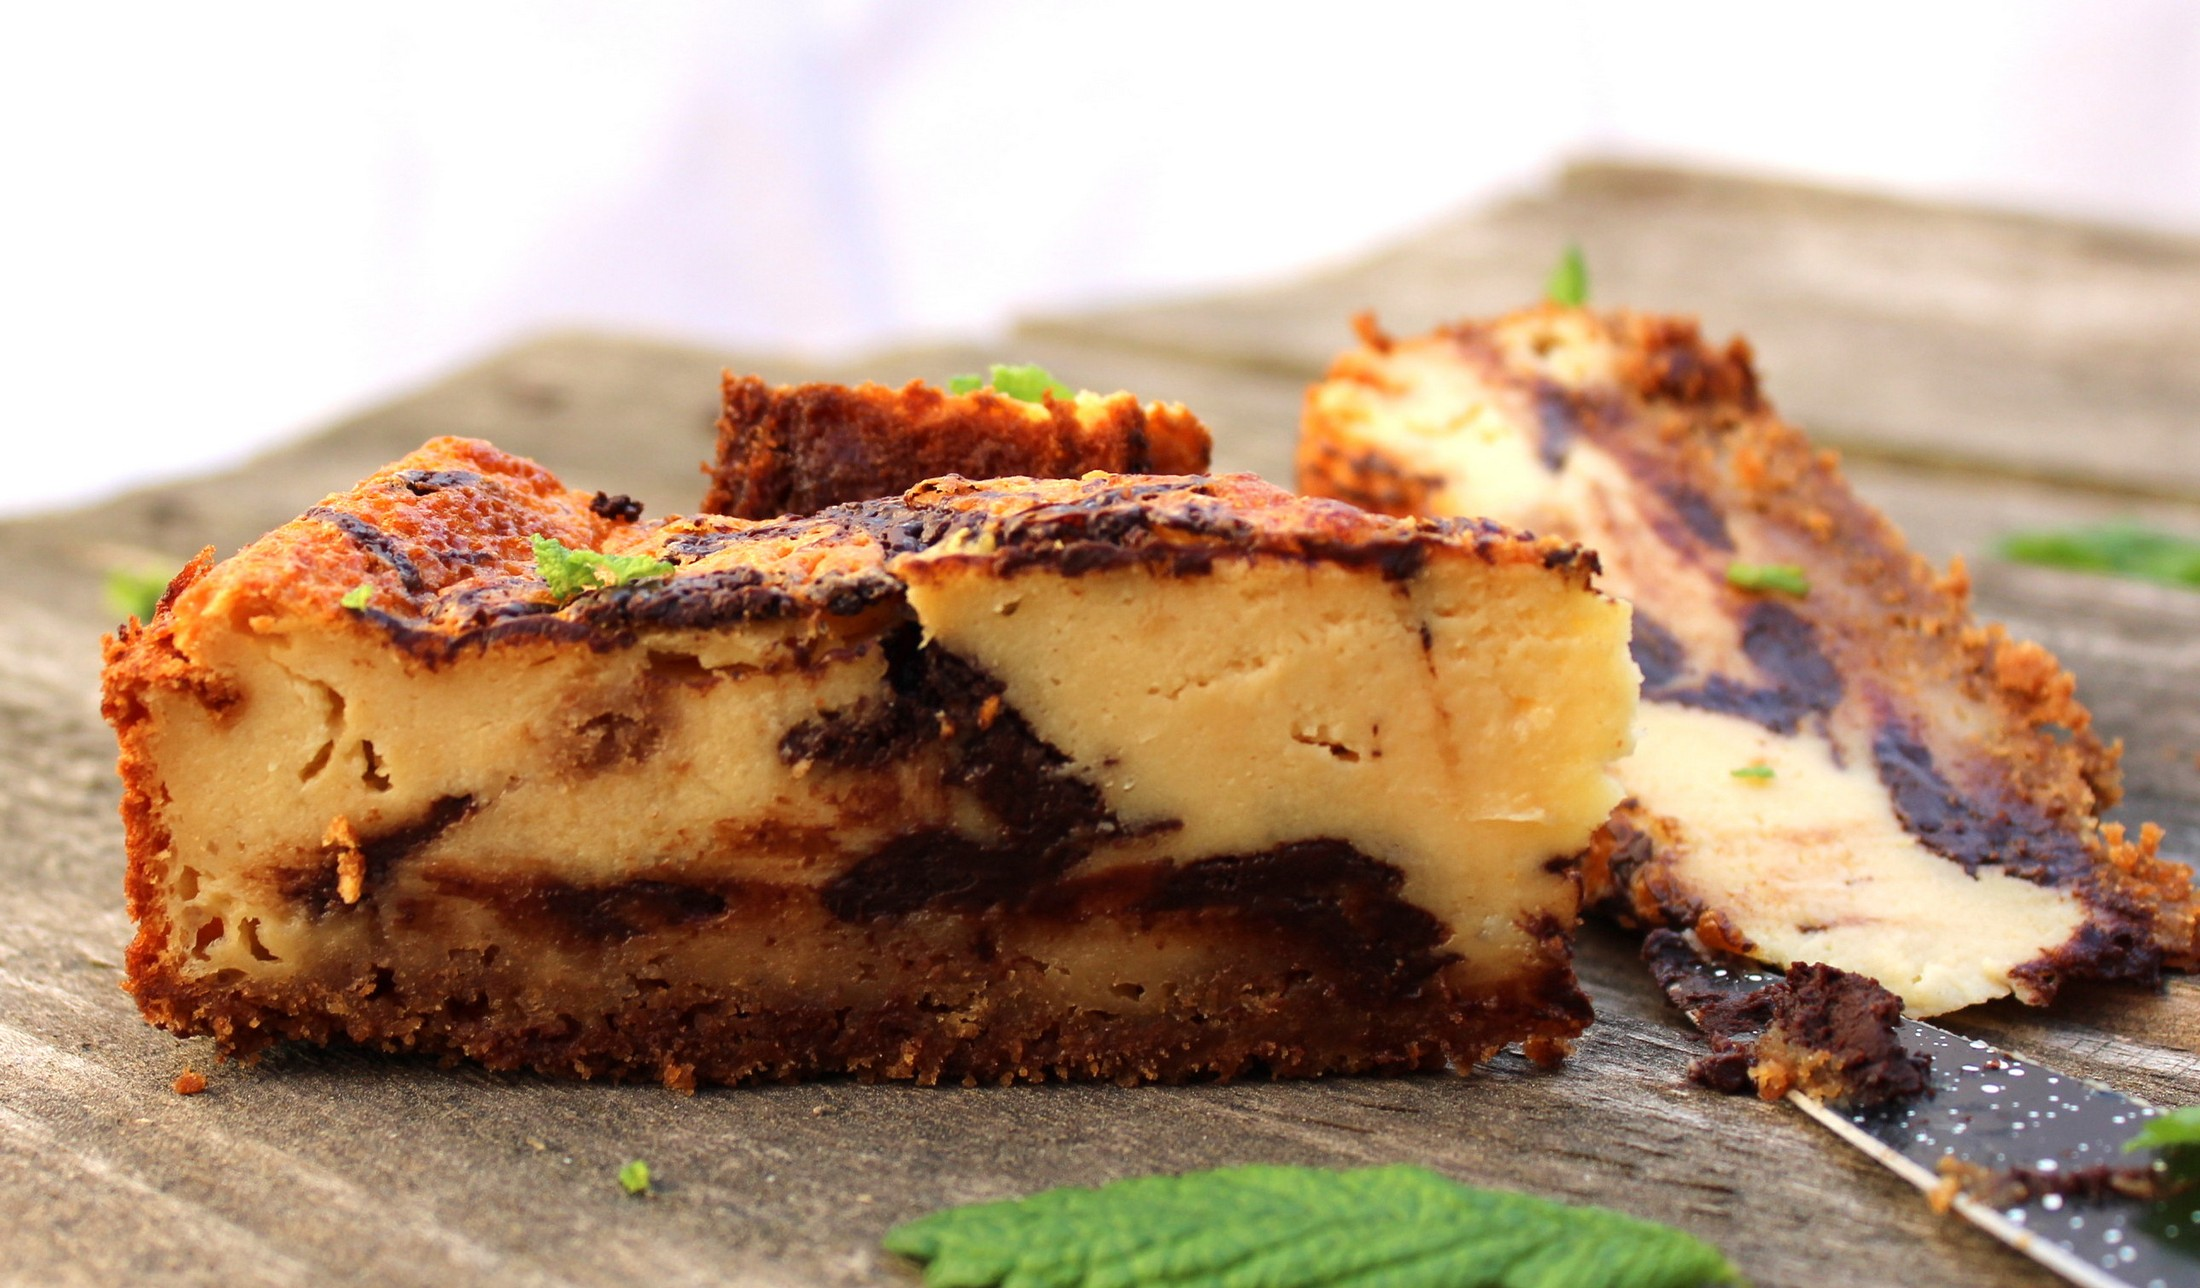 Tarta de queso y chocolate negro 5